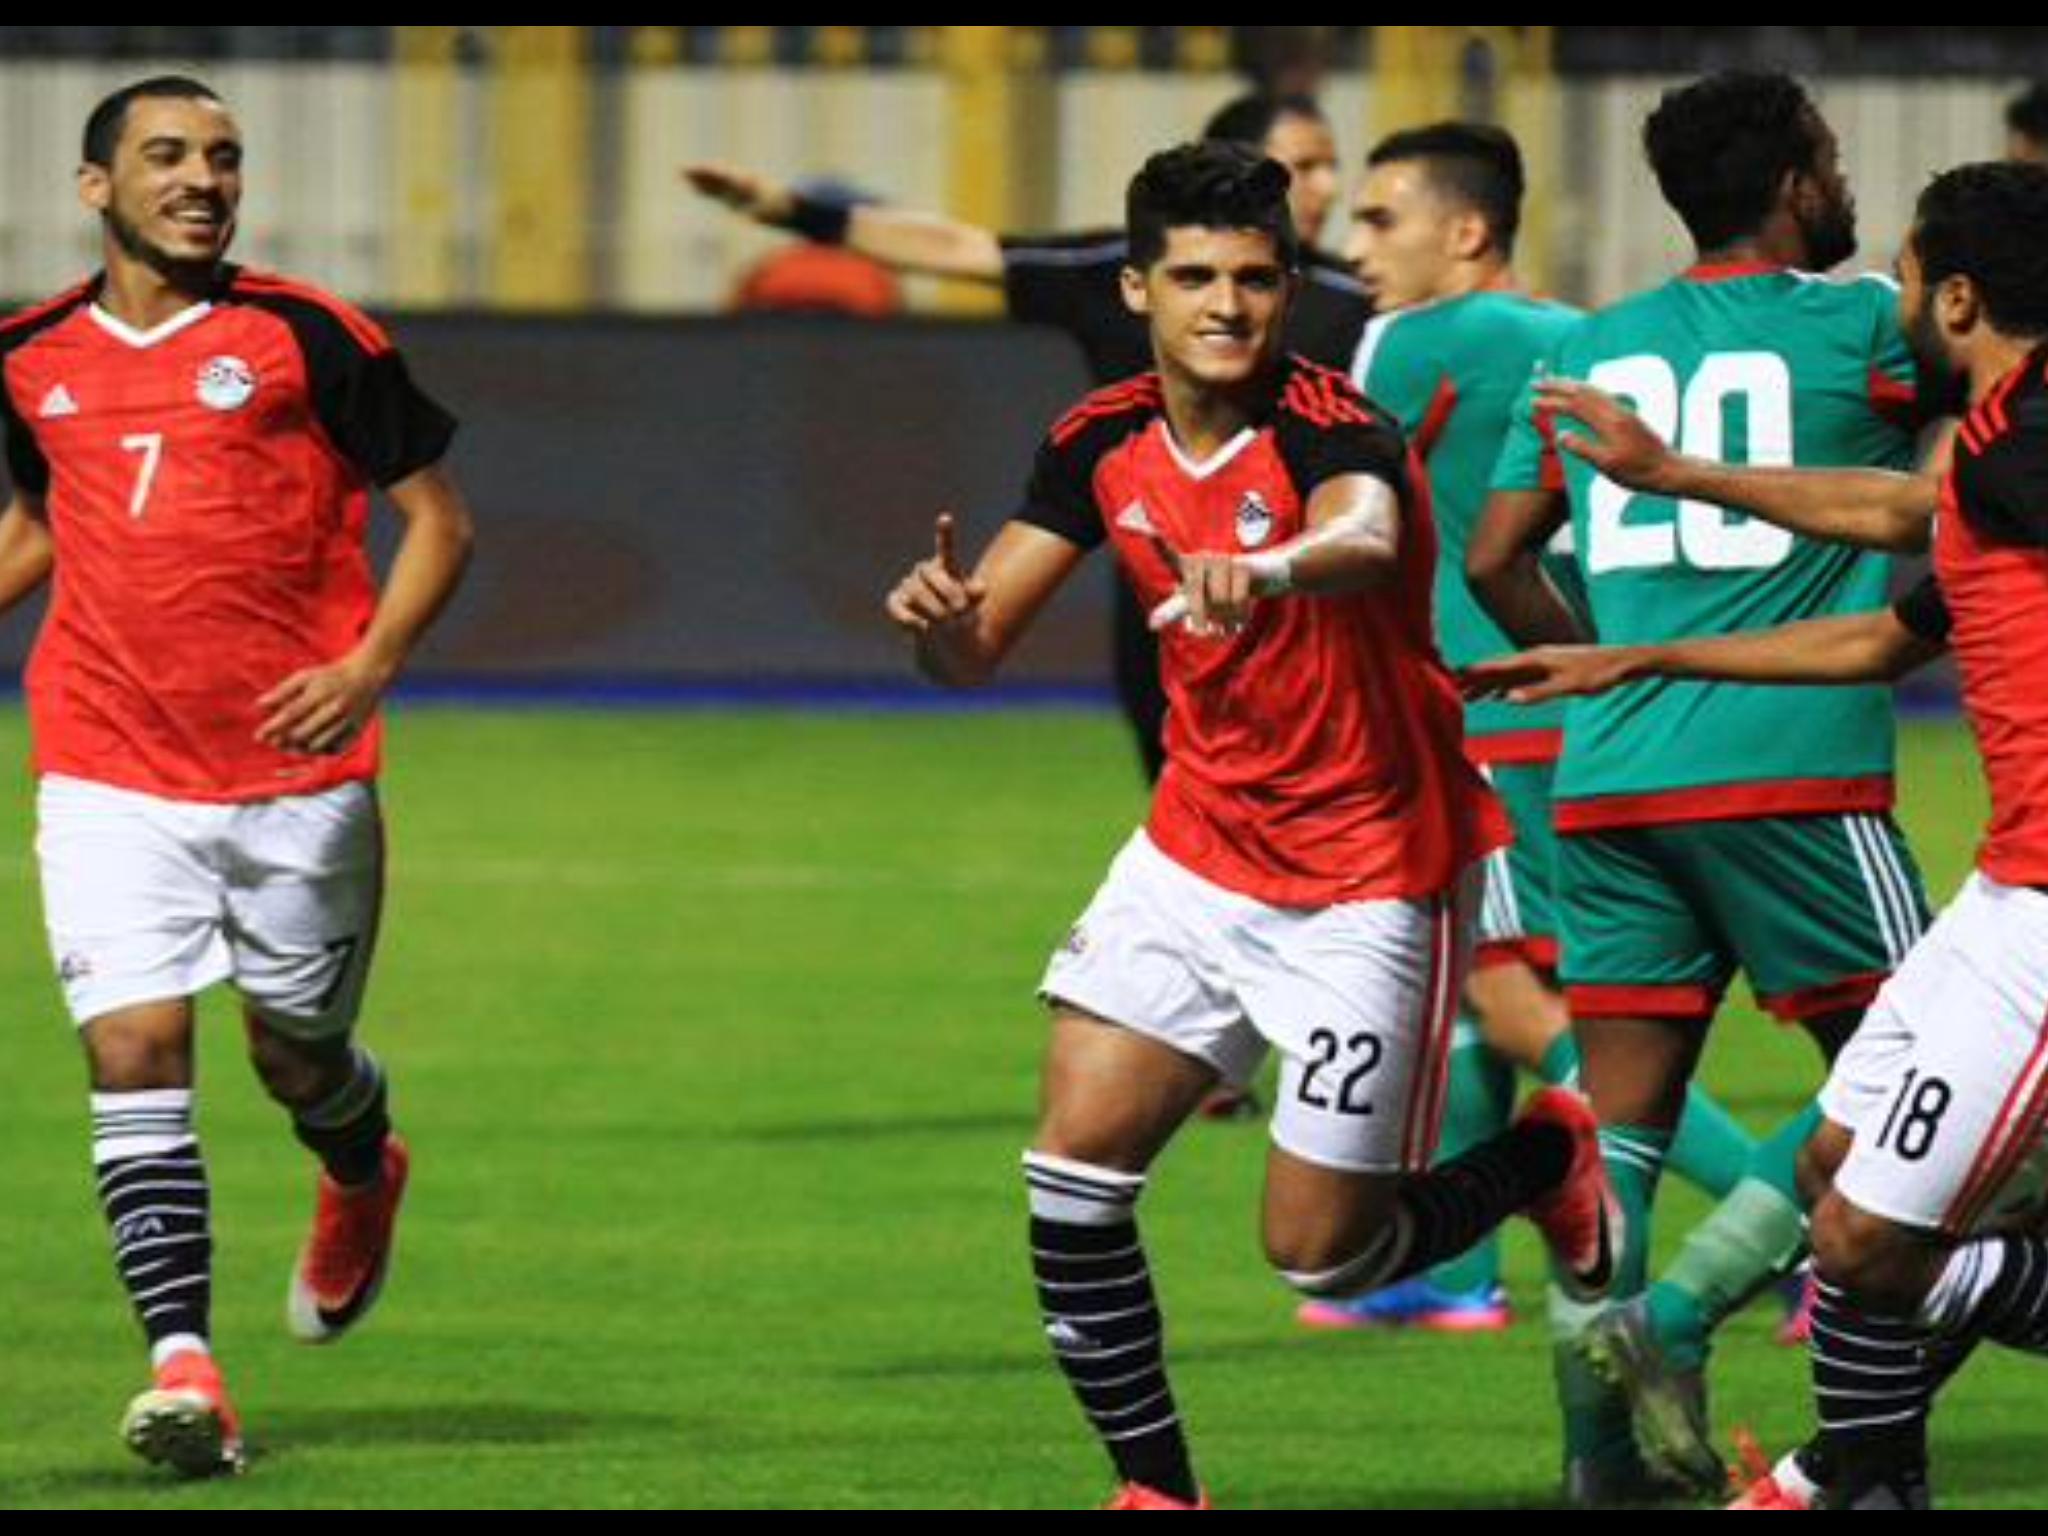 نتيجة مباراة منتخب مصر المحليين مع منتخب المغرب